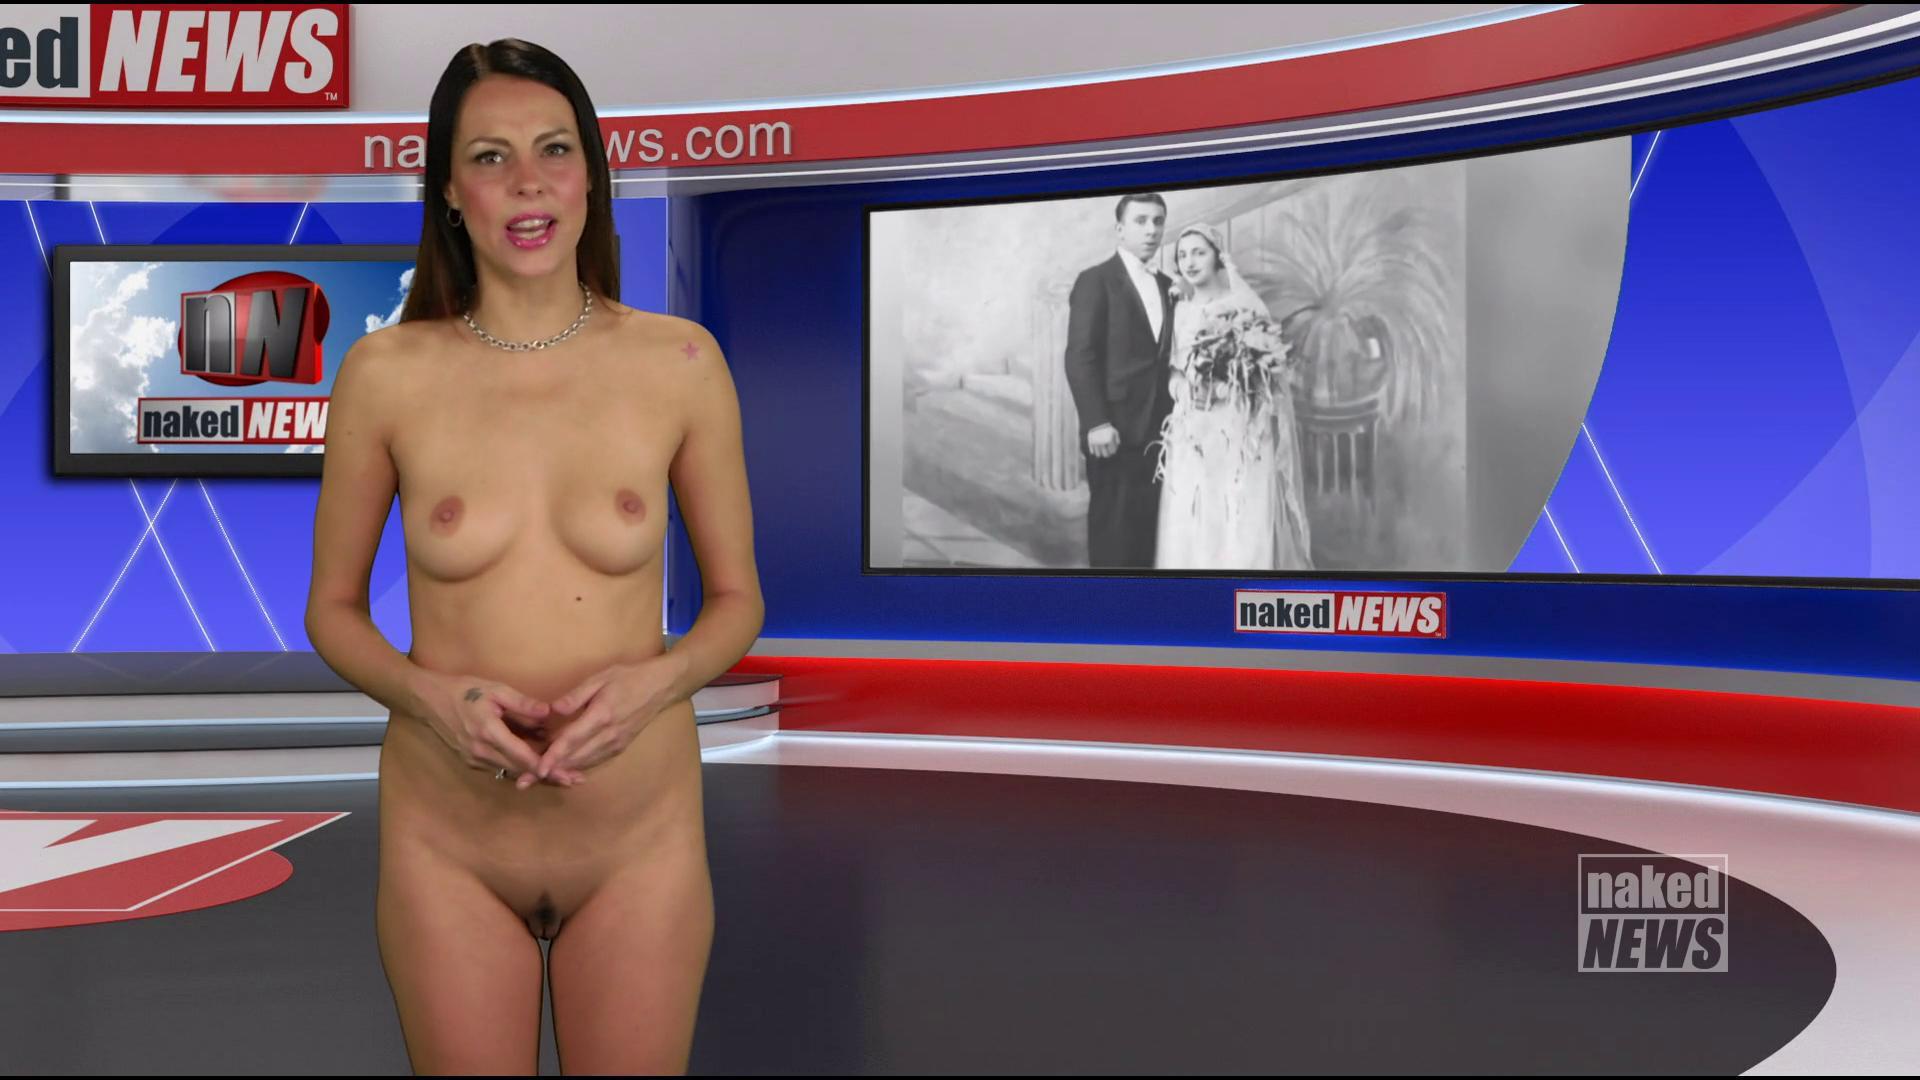 Erica stevenson naked news download